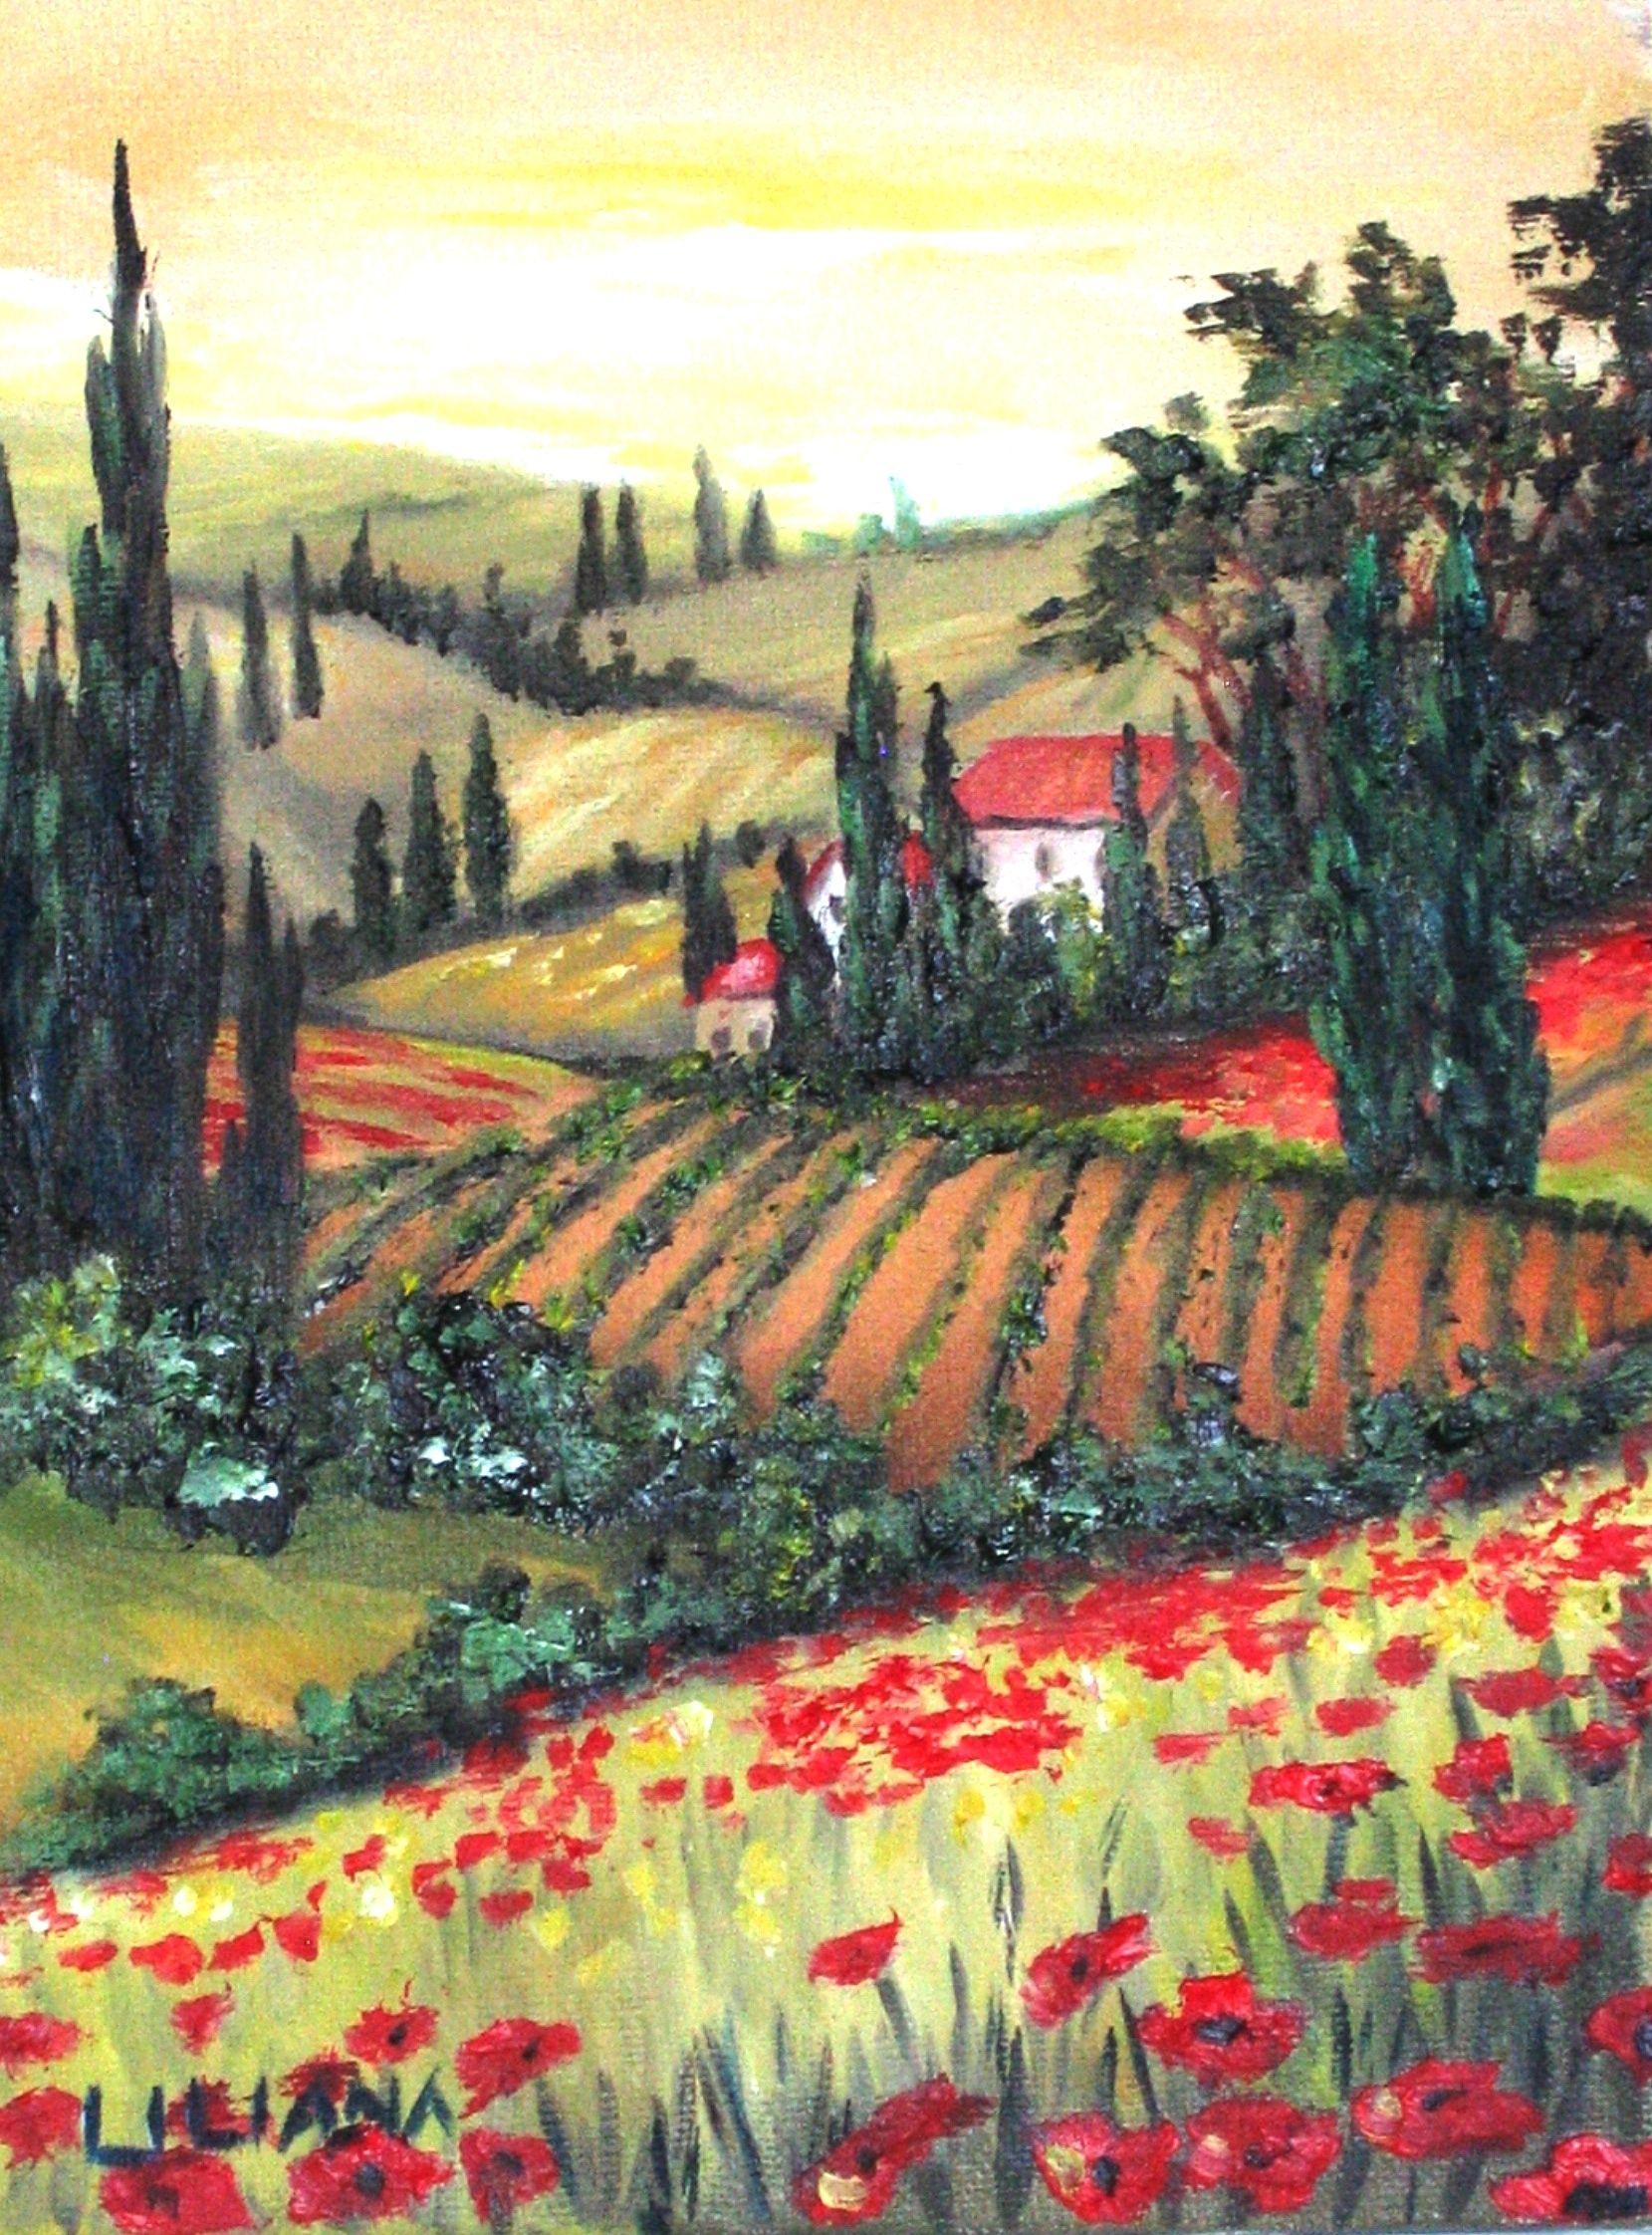 00104da147f Tuscany- Painting by Liliana